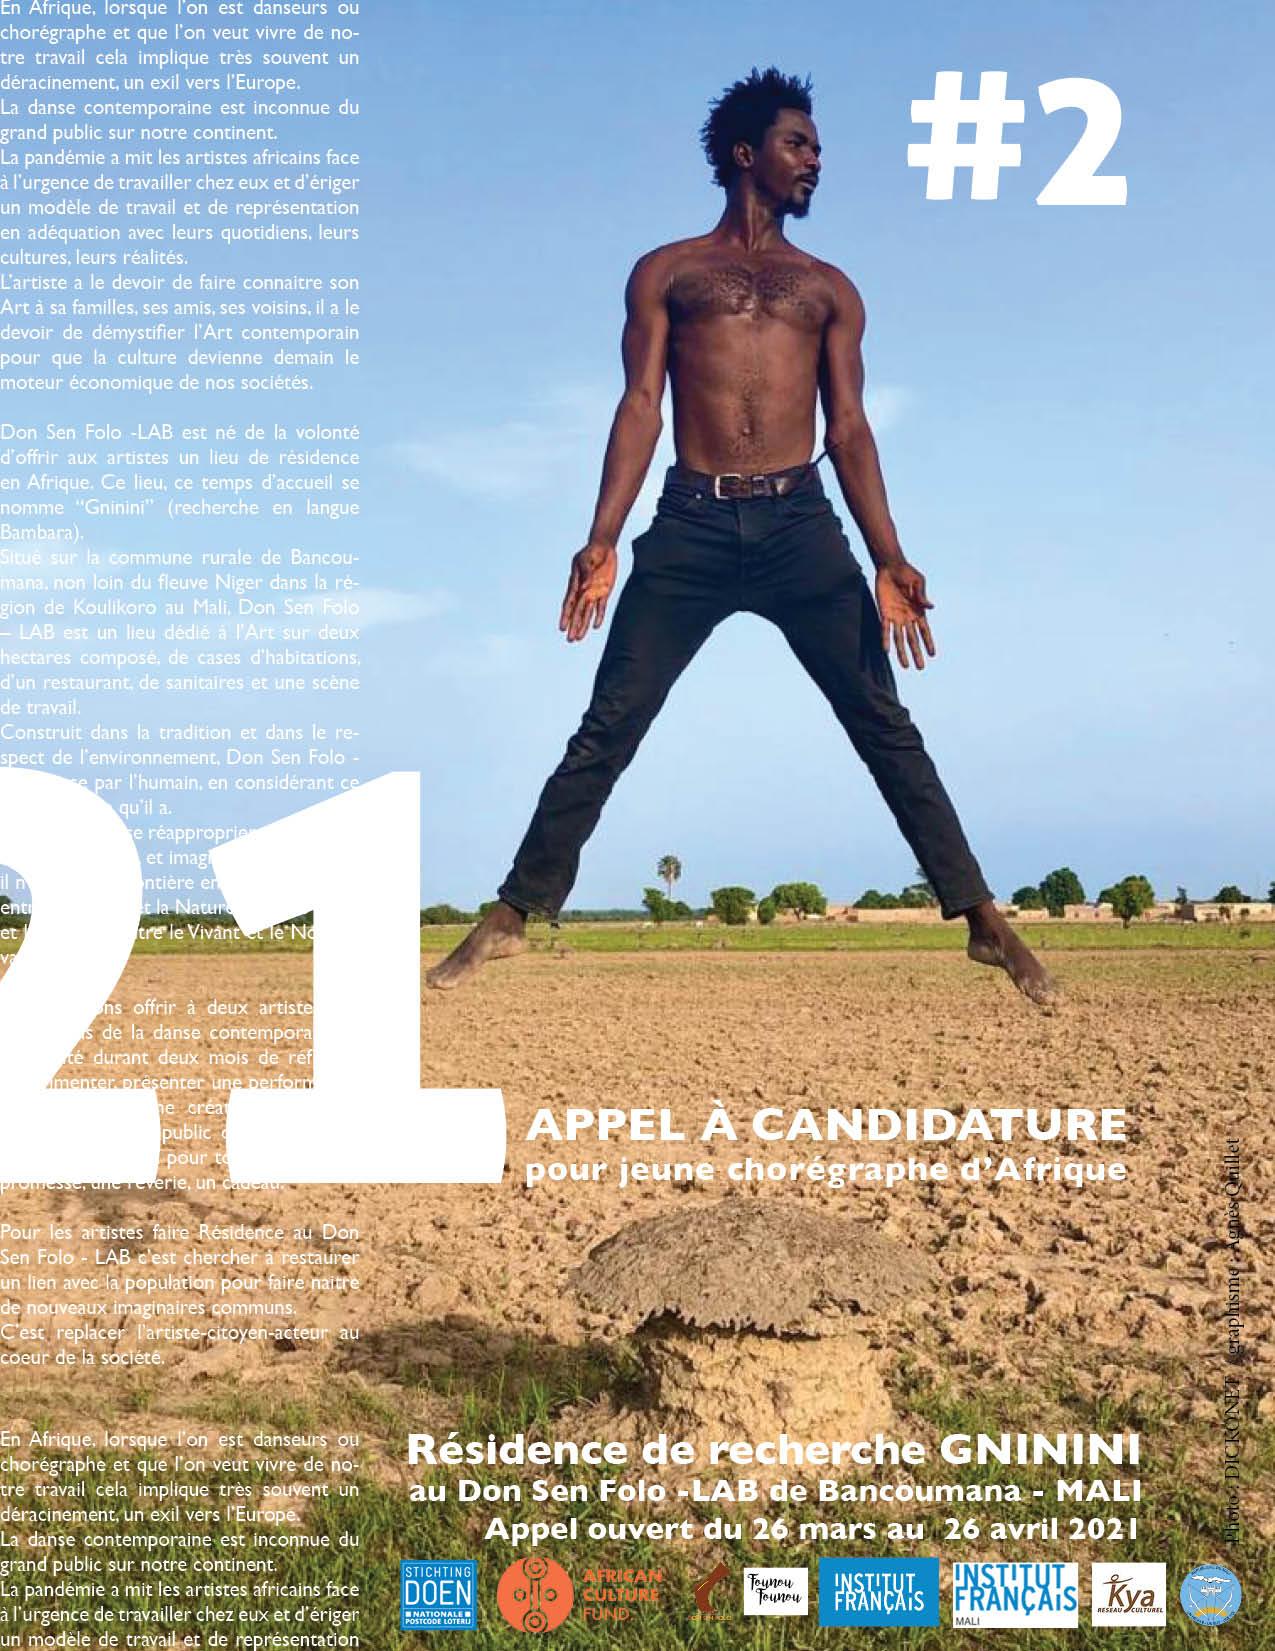 Appel à candidature pour jeunes chorégraphes d'Afrique